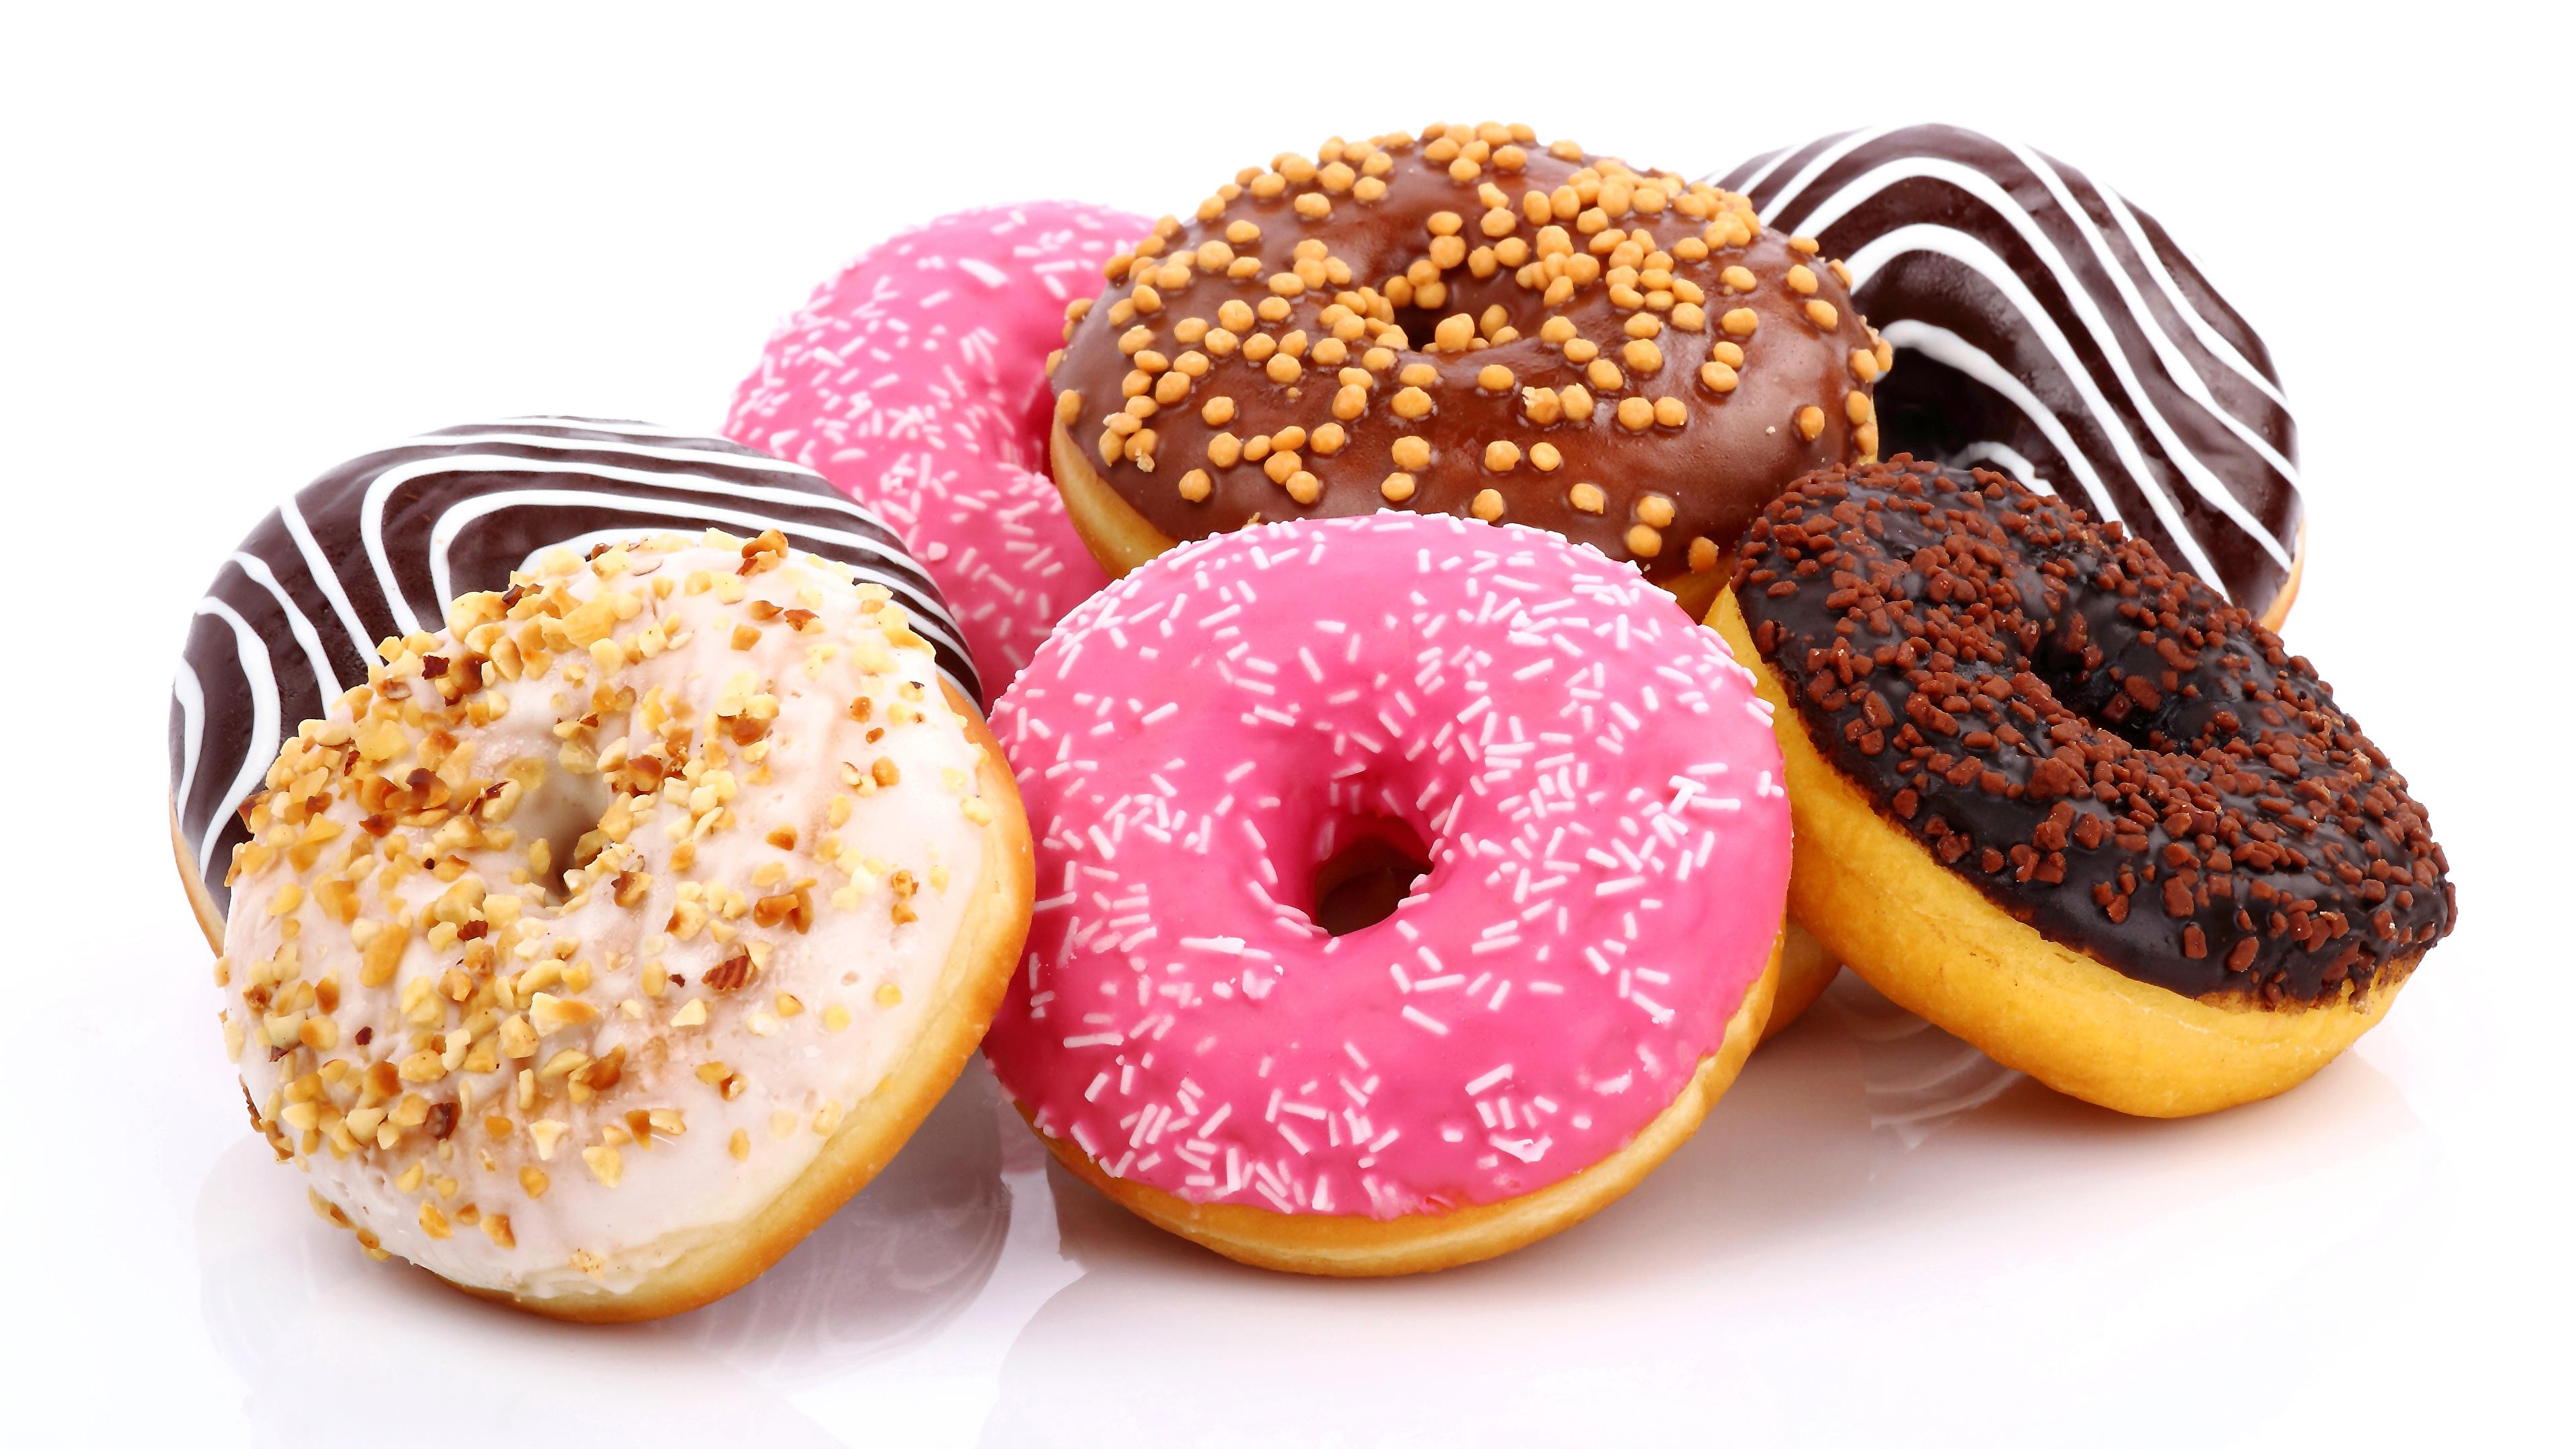 Пончик в белой глазури  № 3681761 без смс